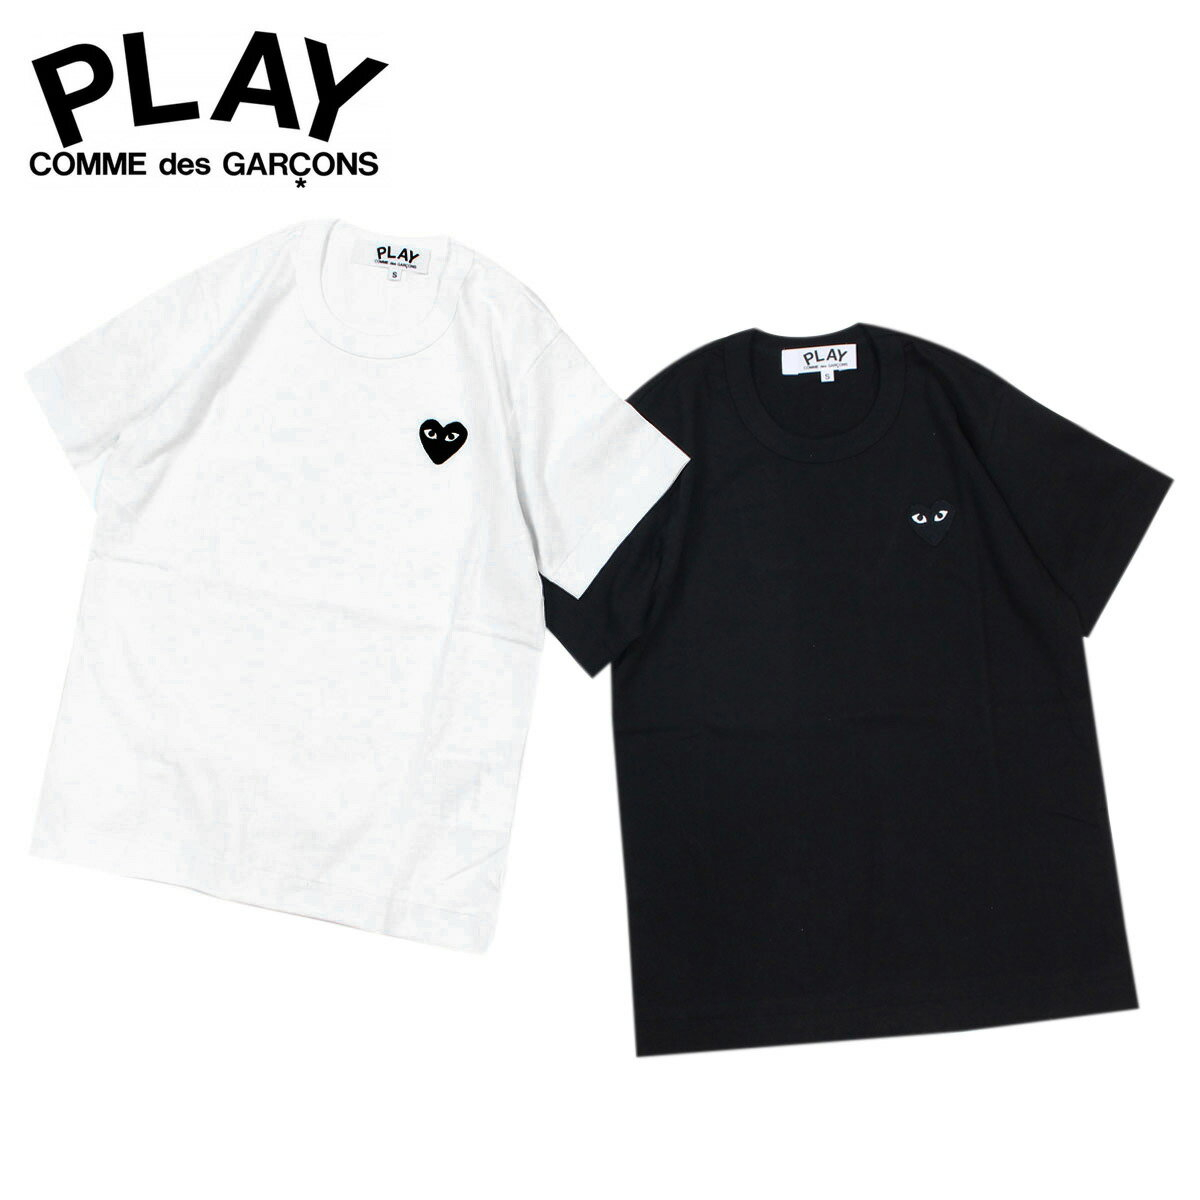 【最大800円OFFクーポン】 コムデギャルソン PLAY Tシャツ 半袖 COMME des GARCONS レディース BLACK HEART T-SHIRT AZ-T063 ブラック ホワイト